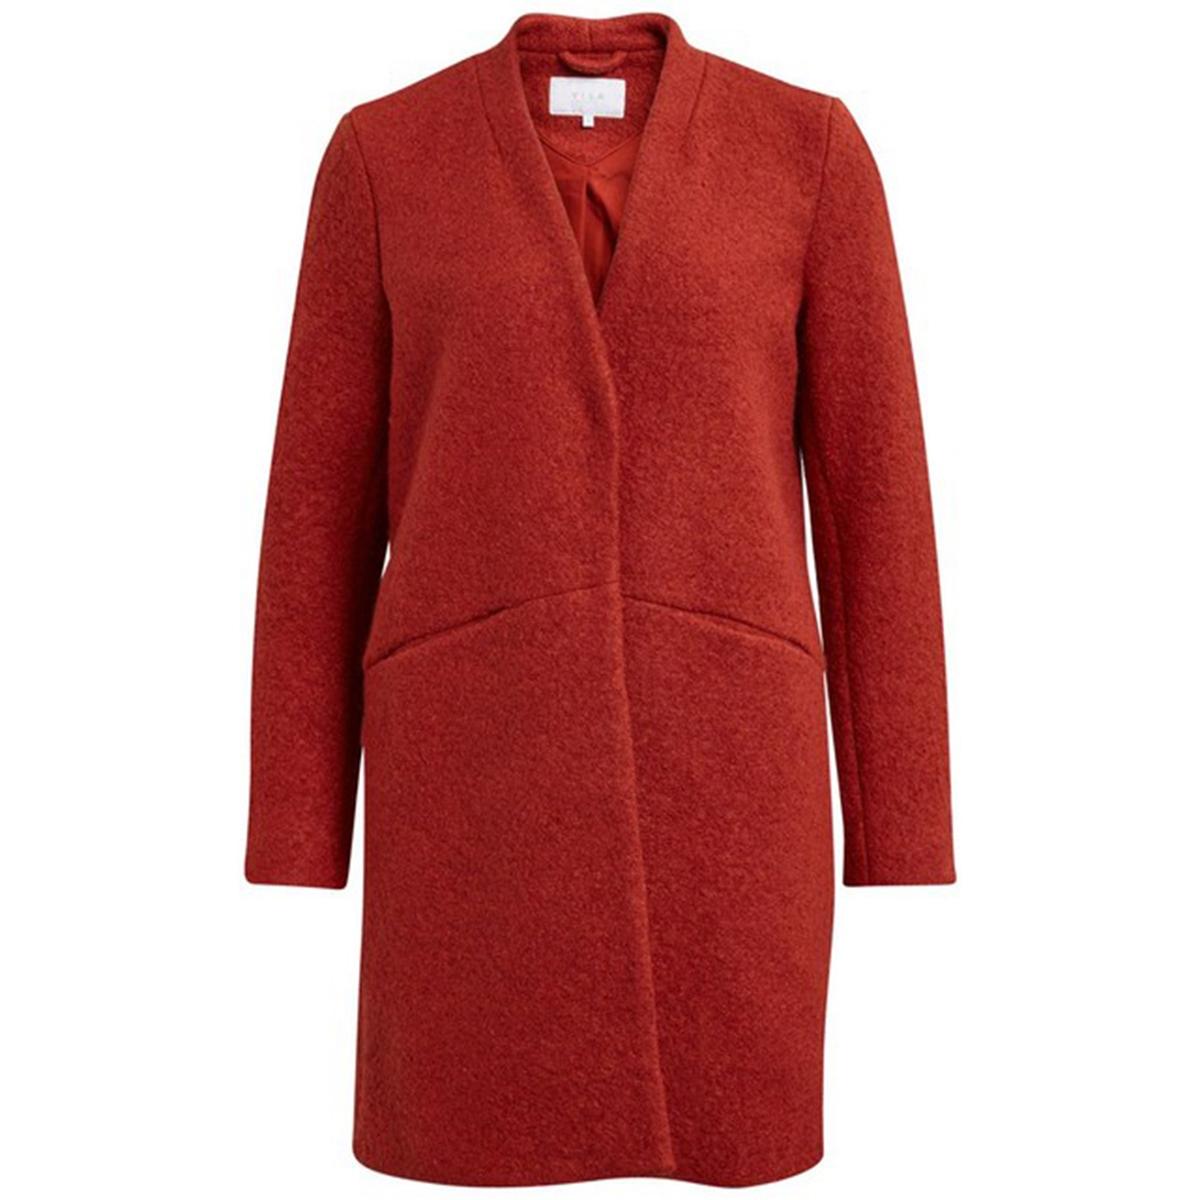 Пальто прямого покроя с V-образным вырезомОписание:Теплое пальто отличного покроя для всех женщин - просто незаменимо . Потайная застежка на пуговицы и невидимые карманы подчеркивают его безупречный дизайн .Детали •  Длина : средняя •   V-образный вырез • Застежка на пуговицыСостав и уход •  40% шерсти, 60% полиэстера •  Следуйте рекомендациям по уходу, указанным на этикетке изделия<br><br>Цвет: красно-коричневый<br>Размер: M